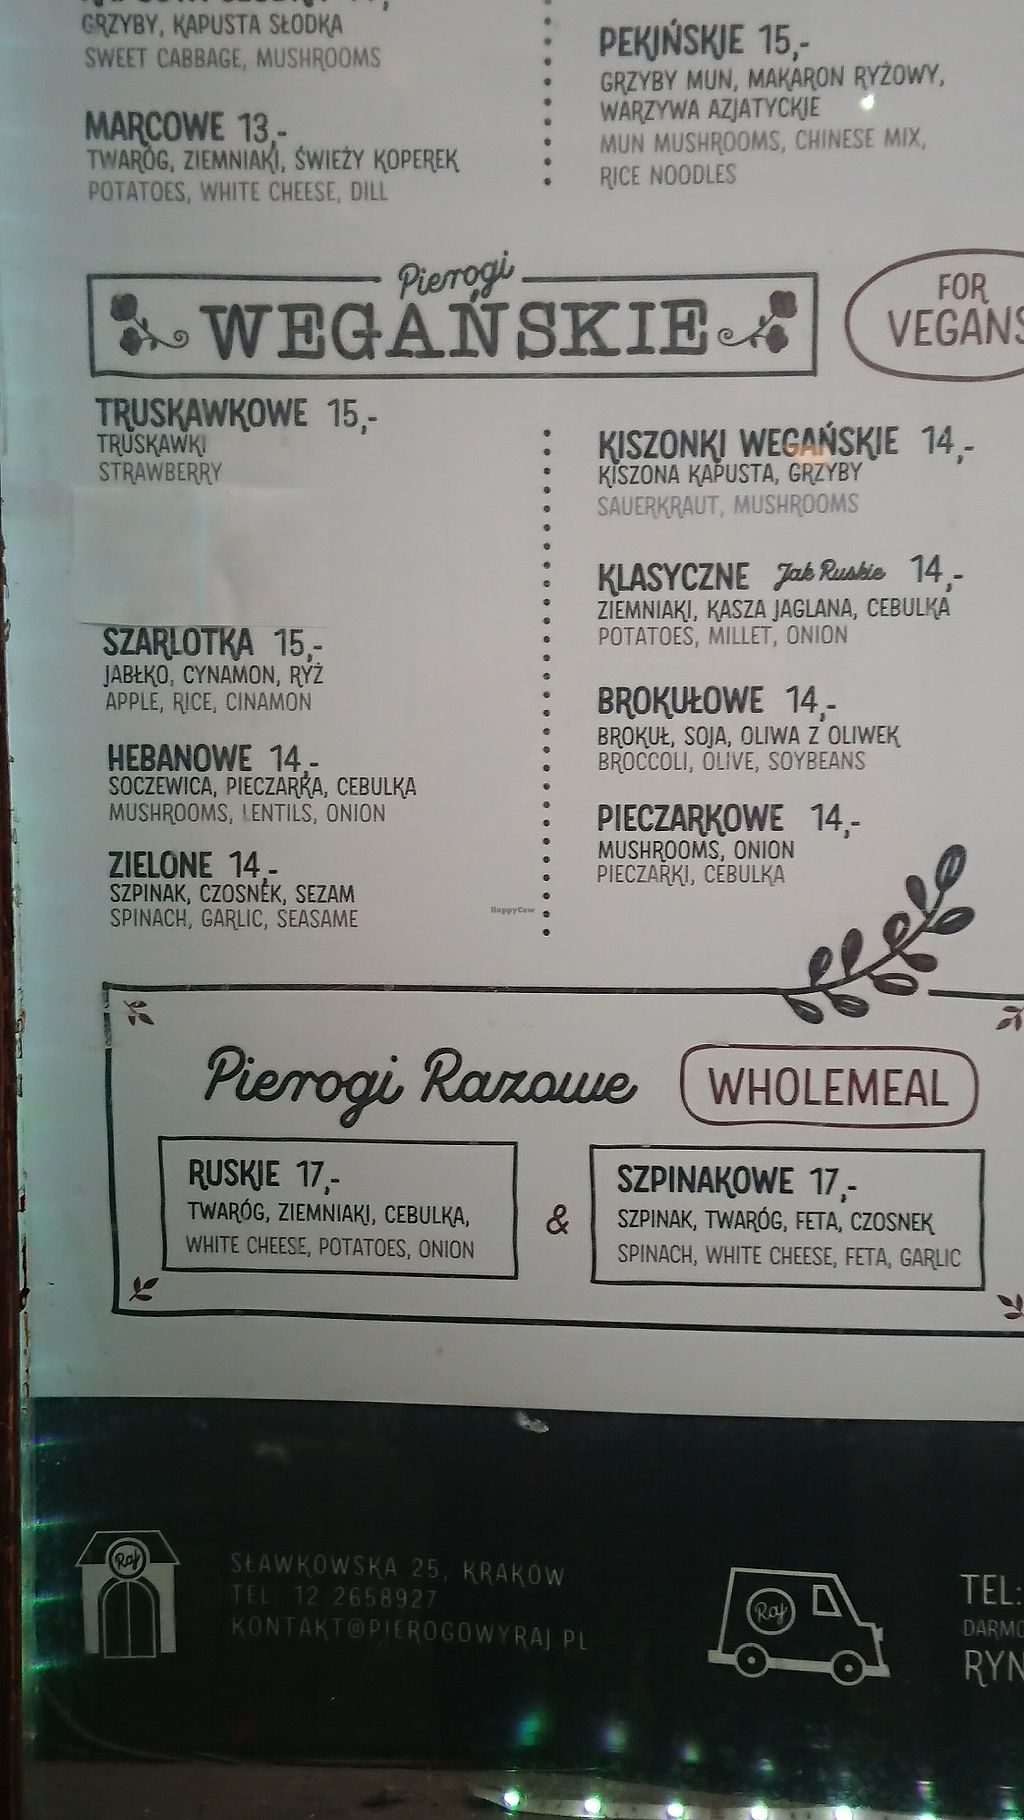 Pierogowy Raj - Krakow Restaurant - HappyCow